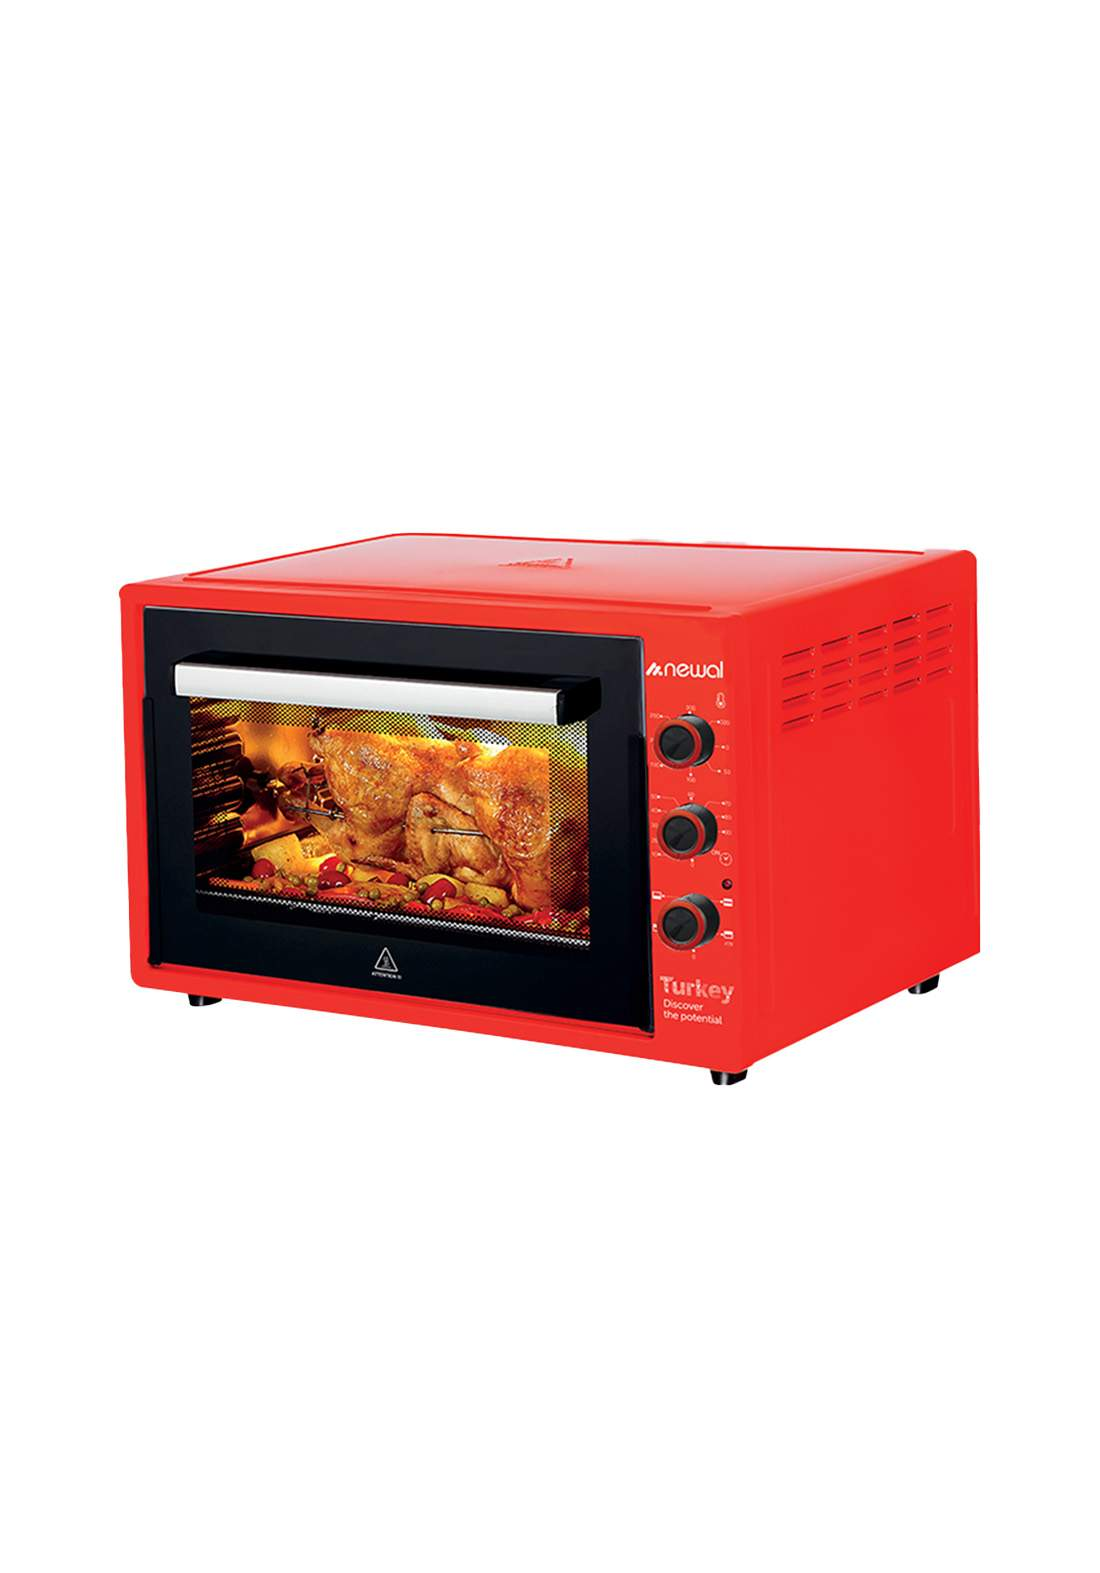 Newal Mini Oven 60L MOV-675-03- Red فرن كهربائي